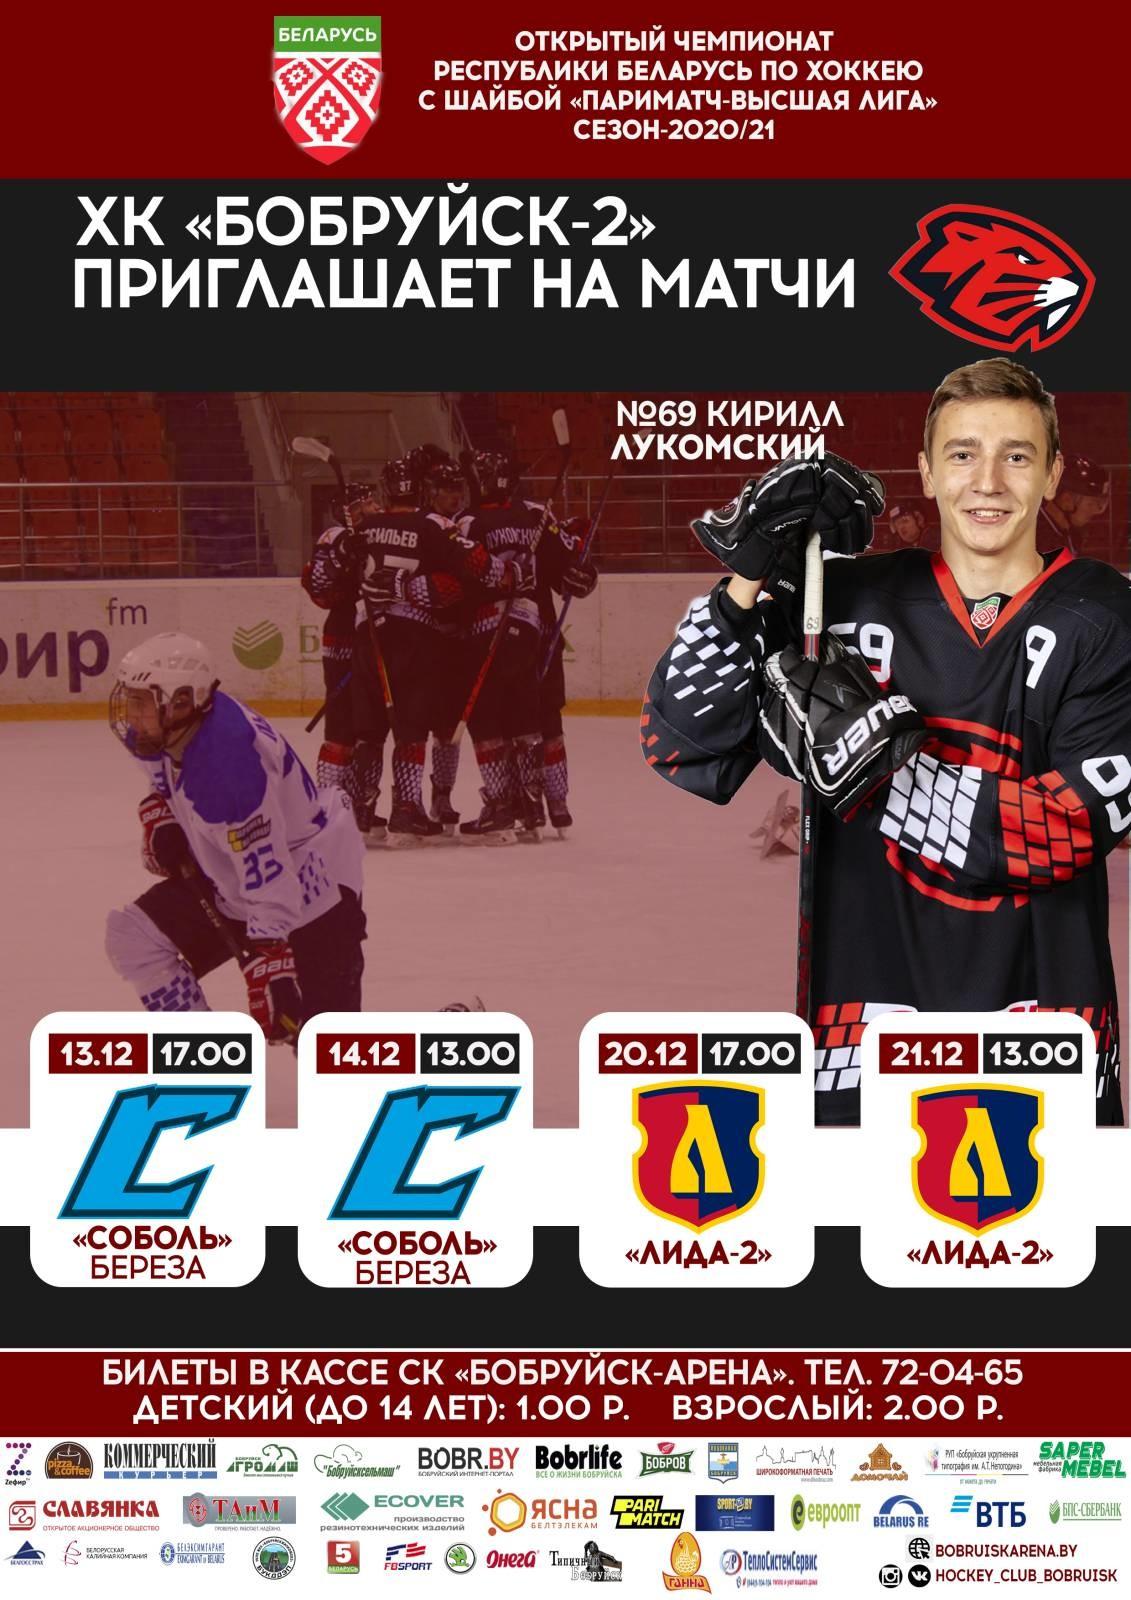 ХК «Бобруйск-2» приглашает на матчи